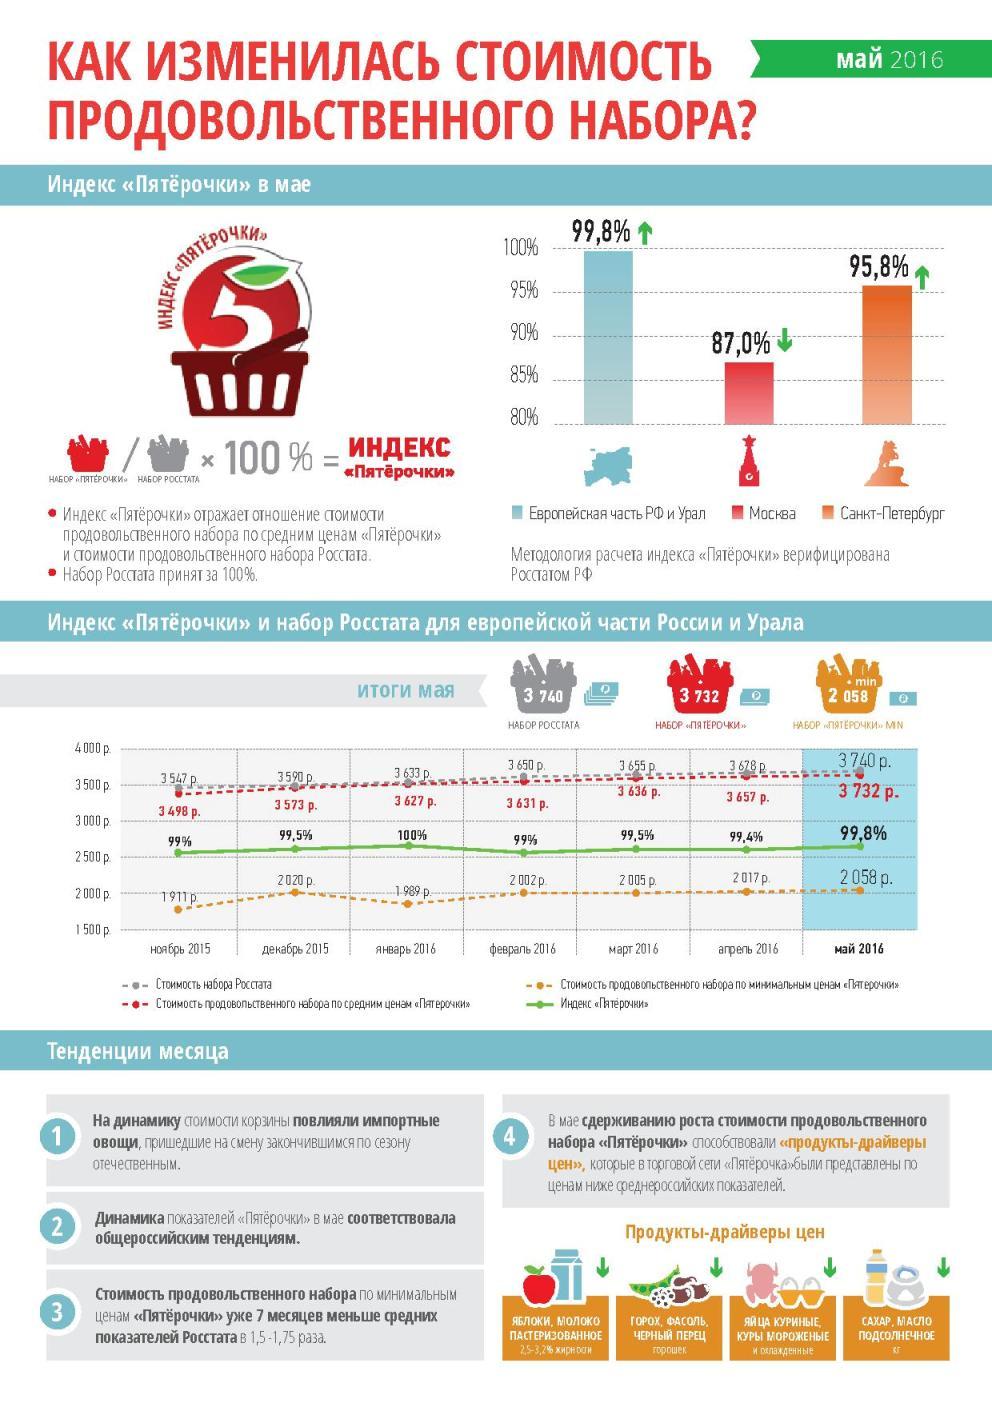 В мае 2016 г. стоимость продовольственного набора в целом по России по данным Росстата составила